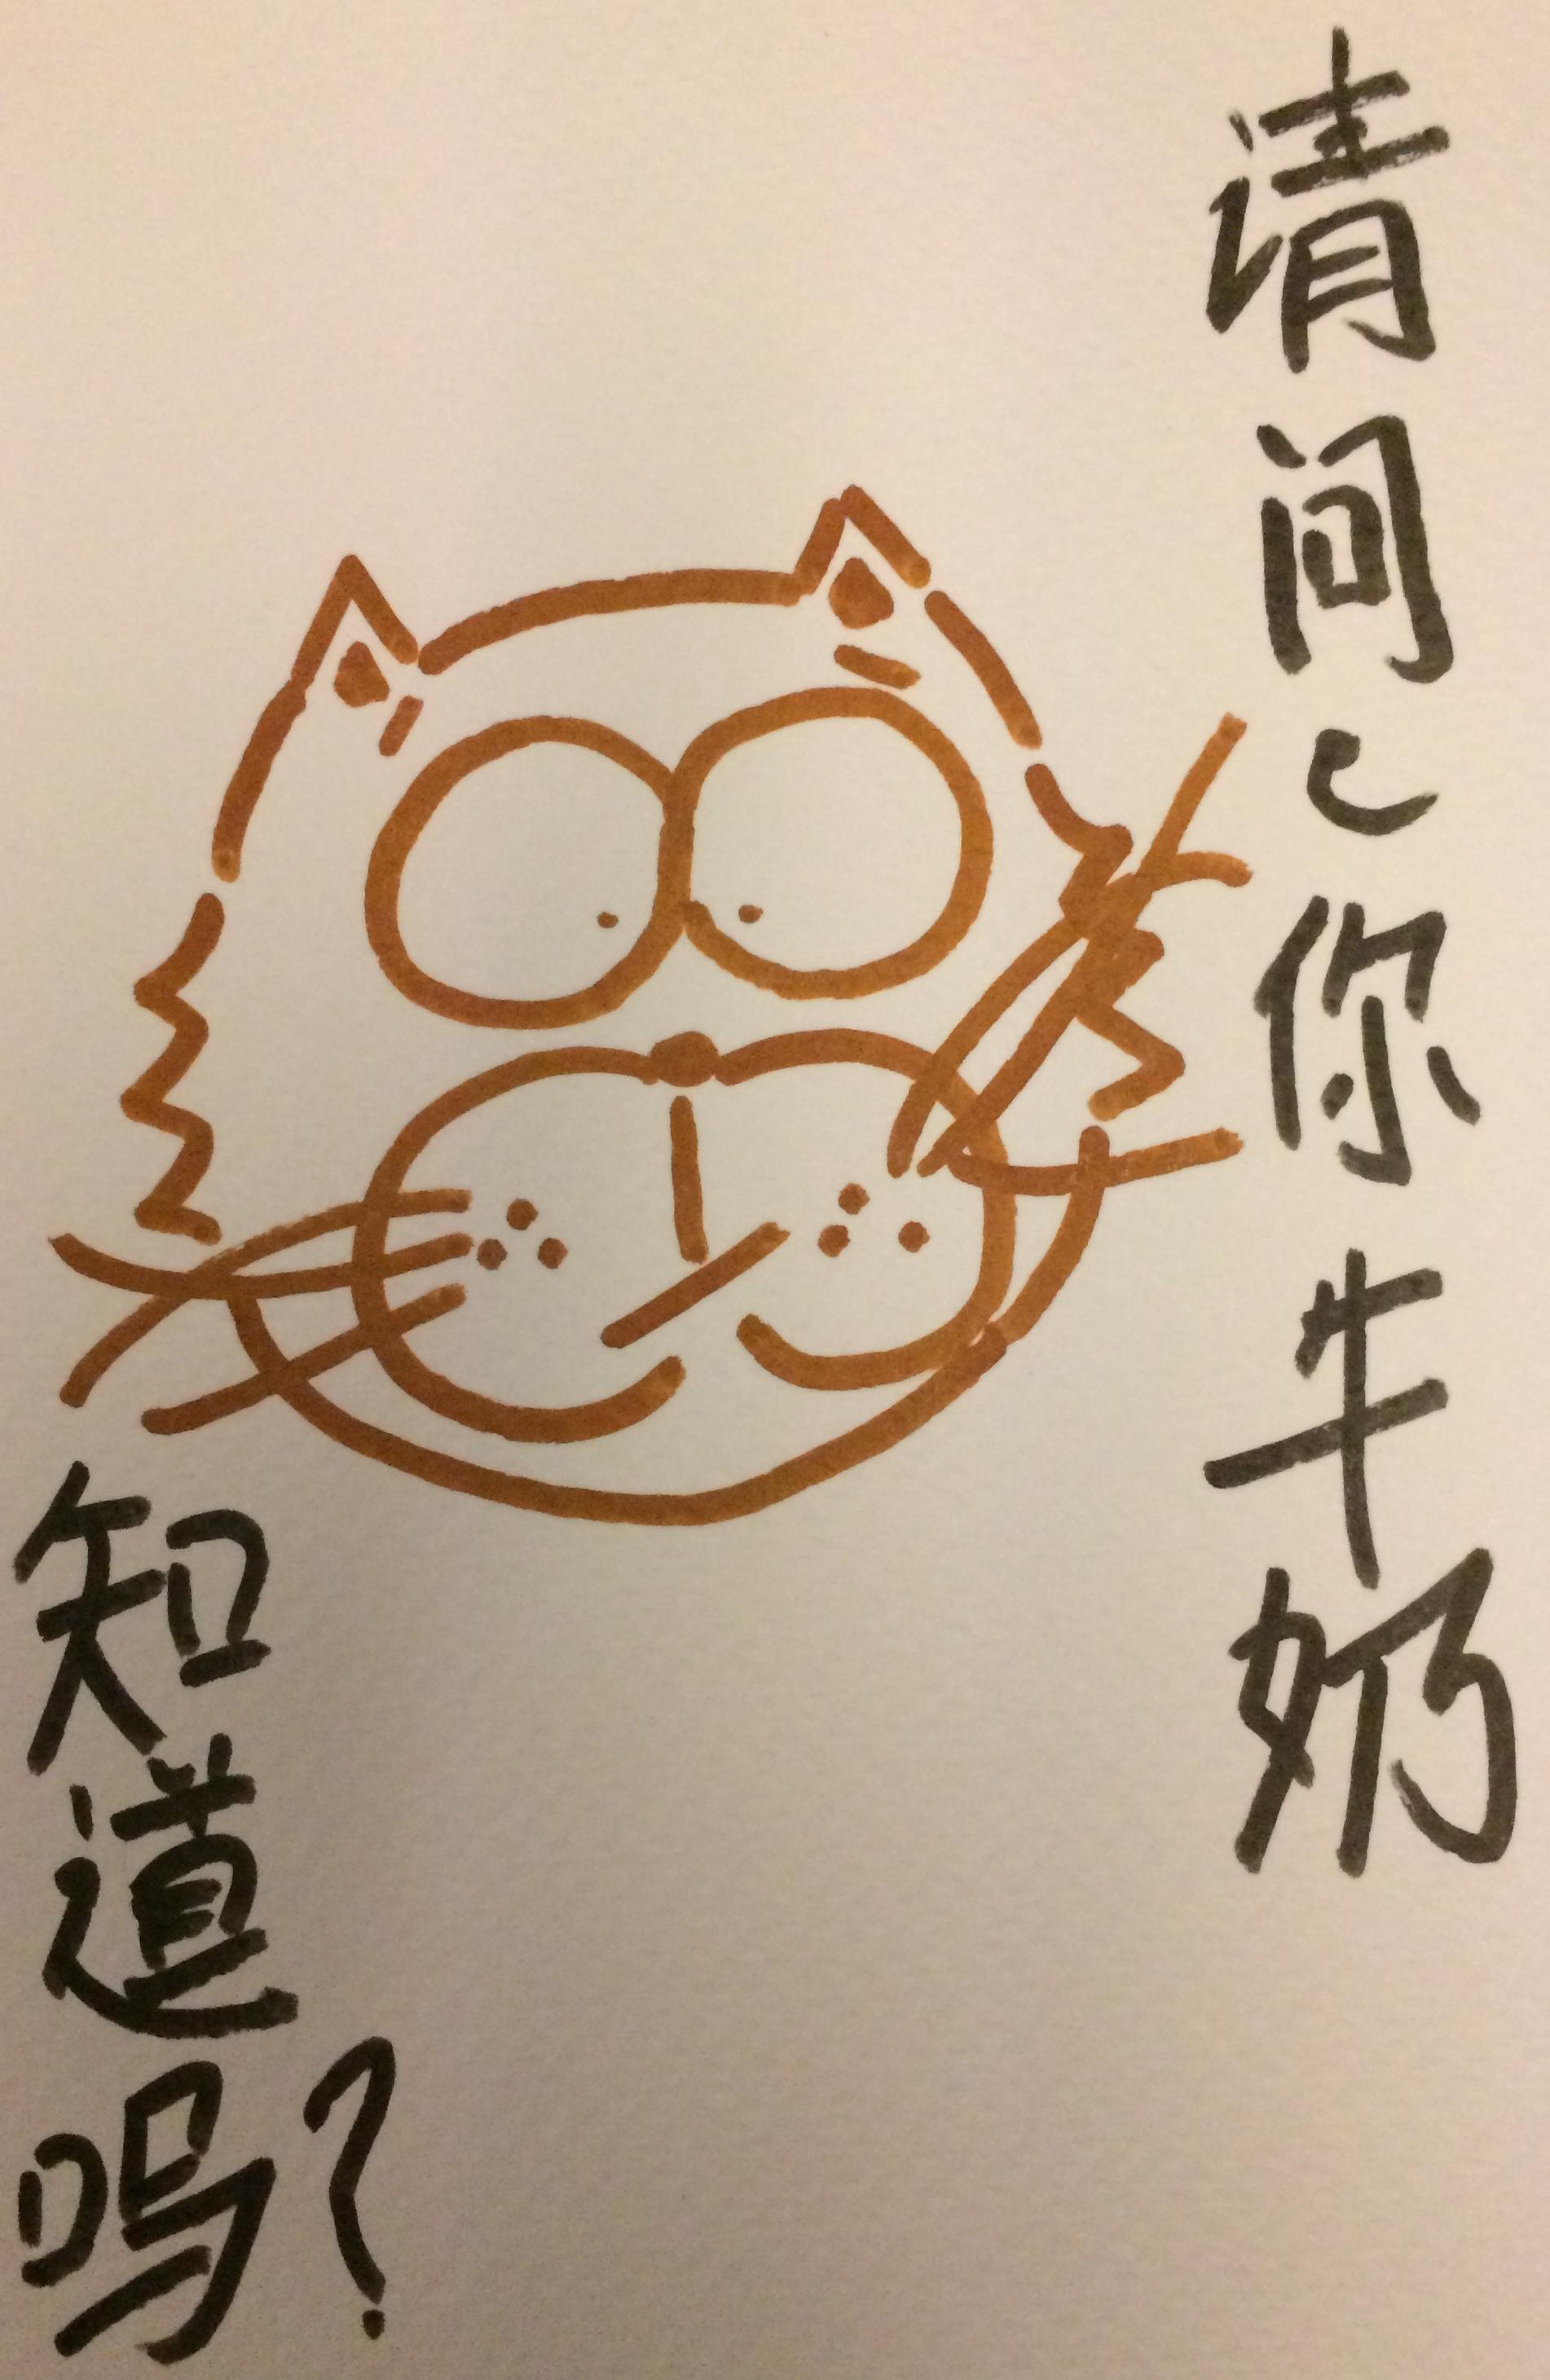 请问,你牛奶知道吗 かわいい ドイツ語 仔猫 描く コミックス comics kitten kätzchen drawing ink